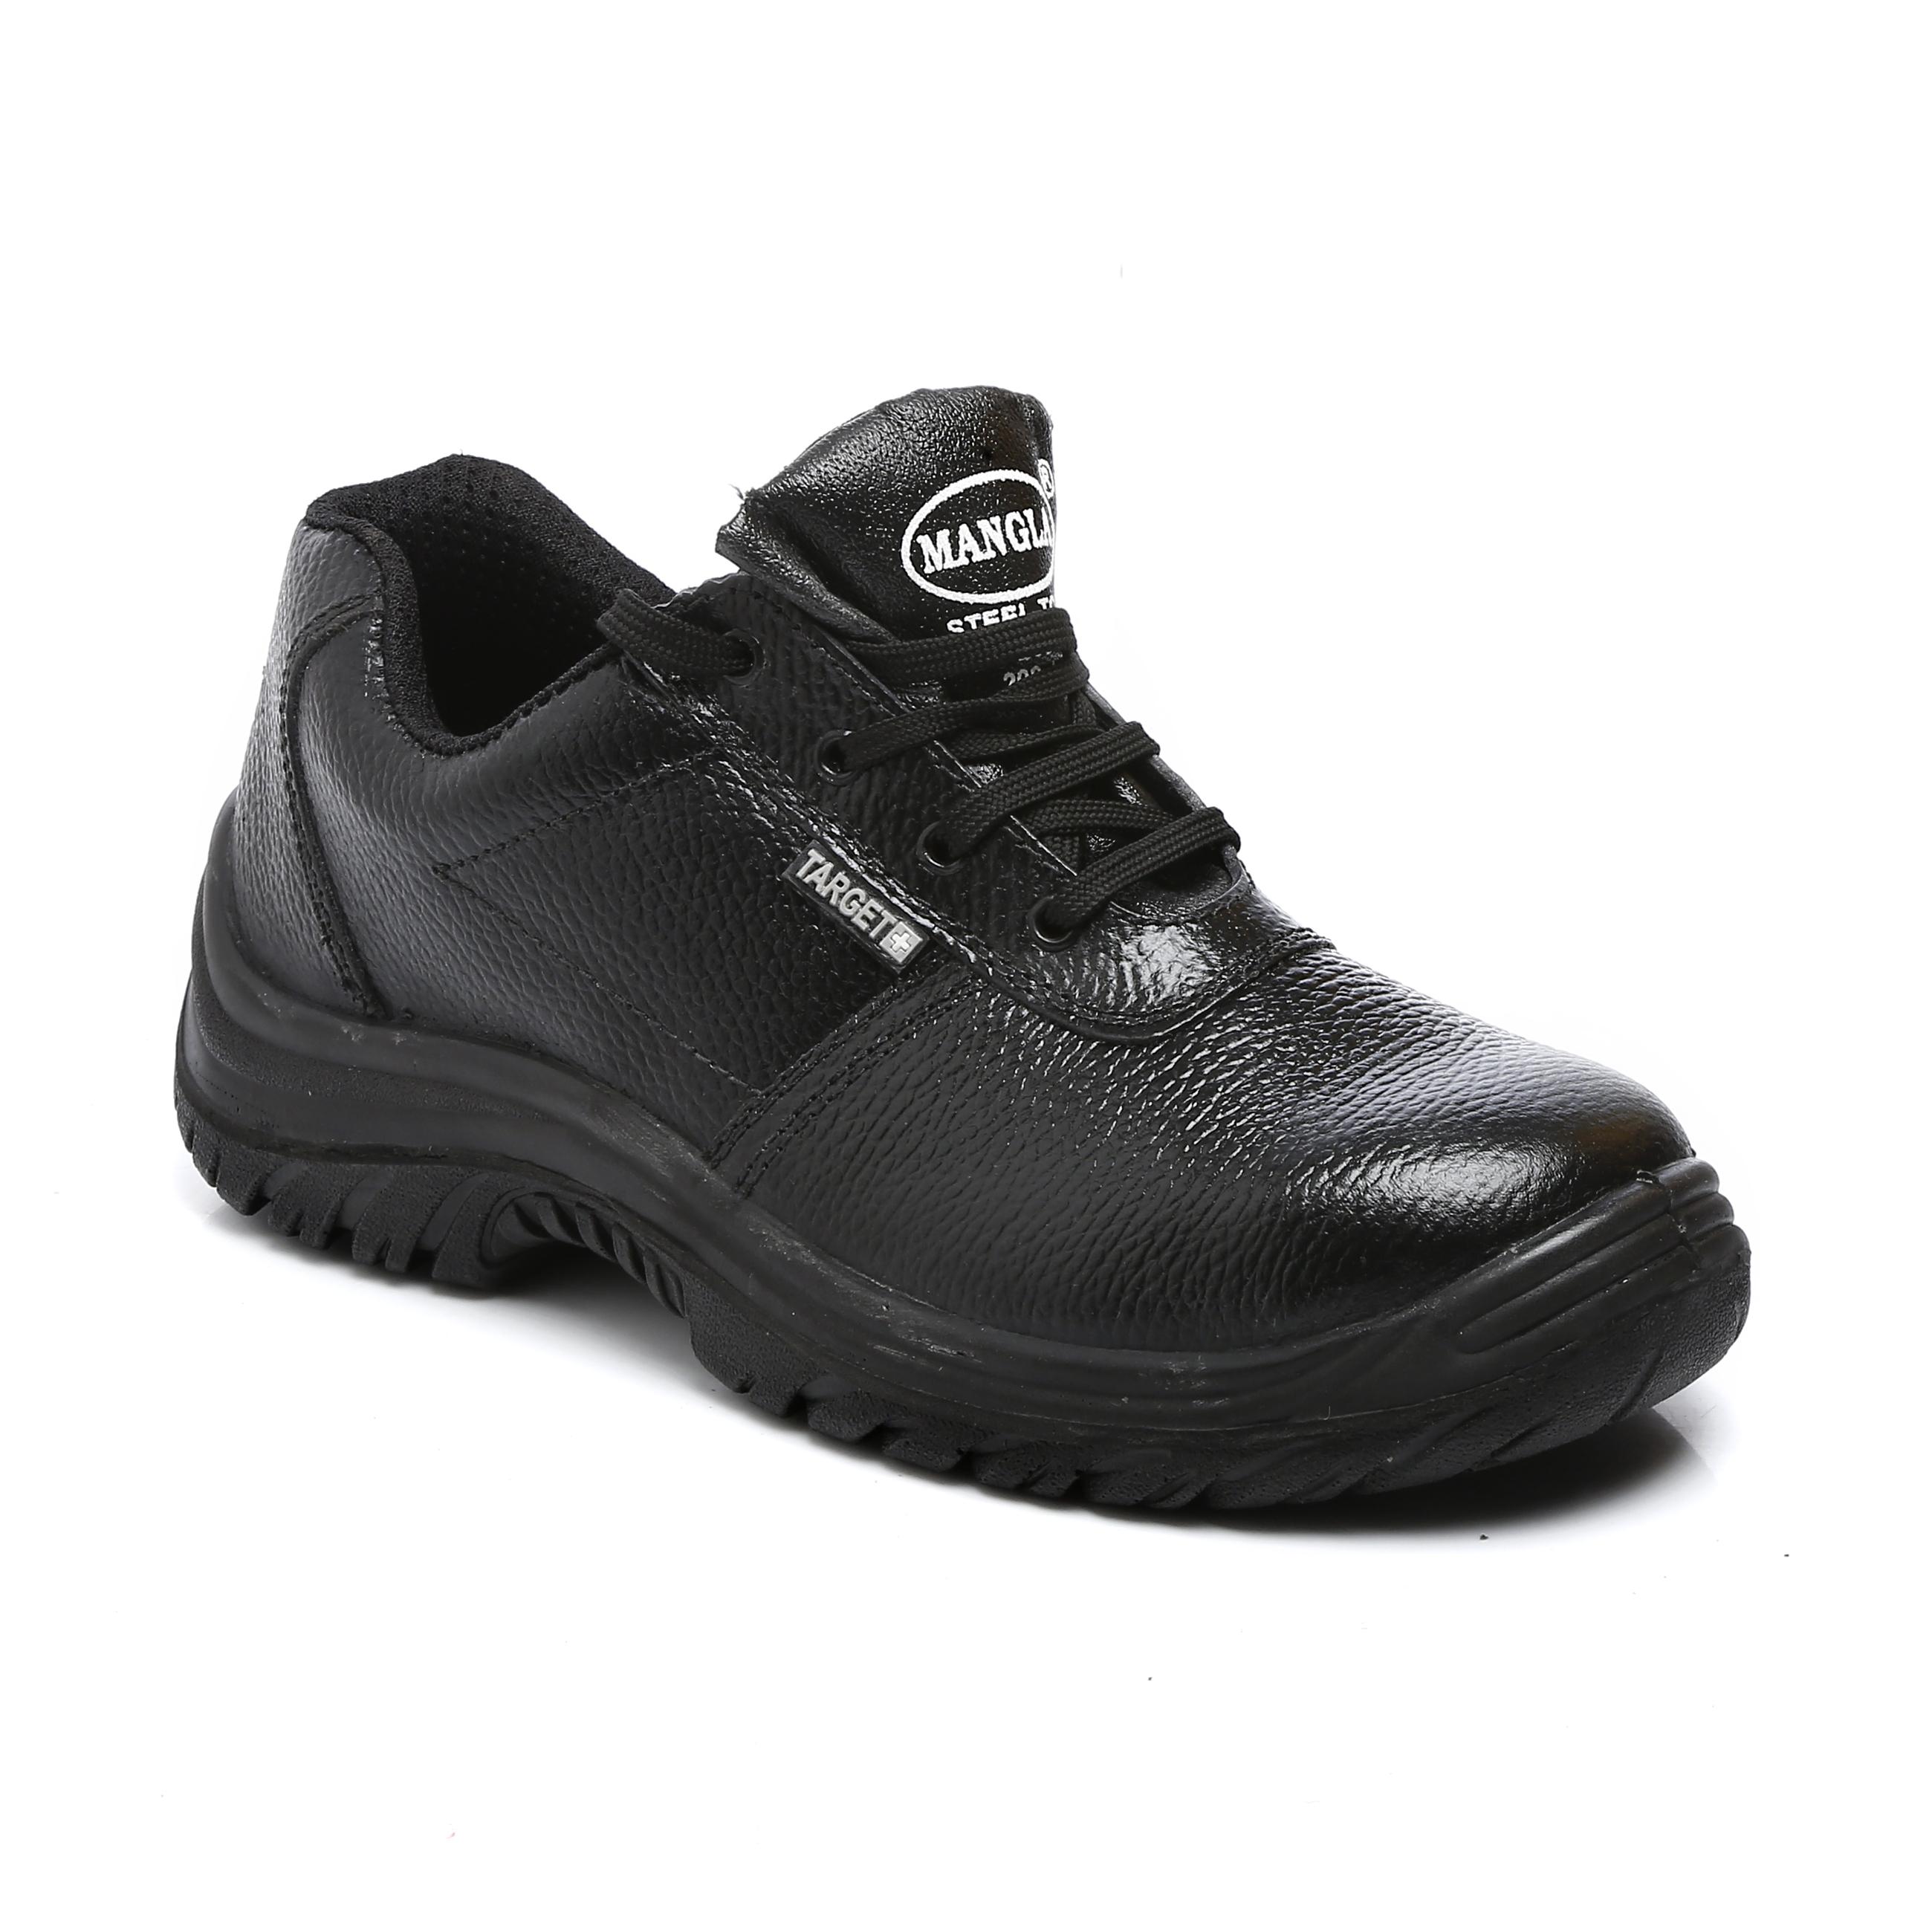 Mangla Safety Shoe